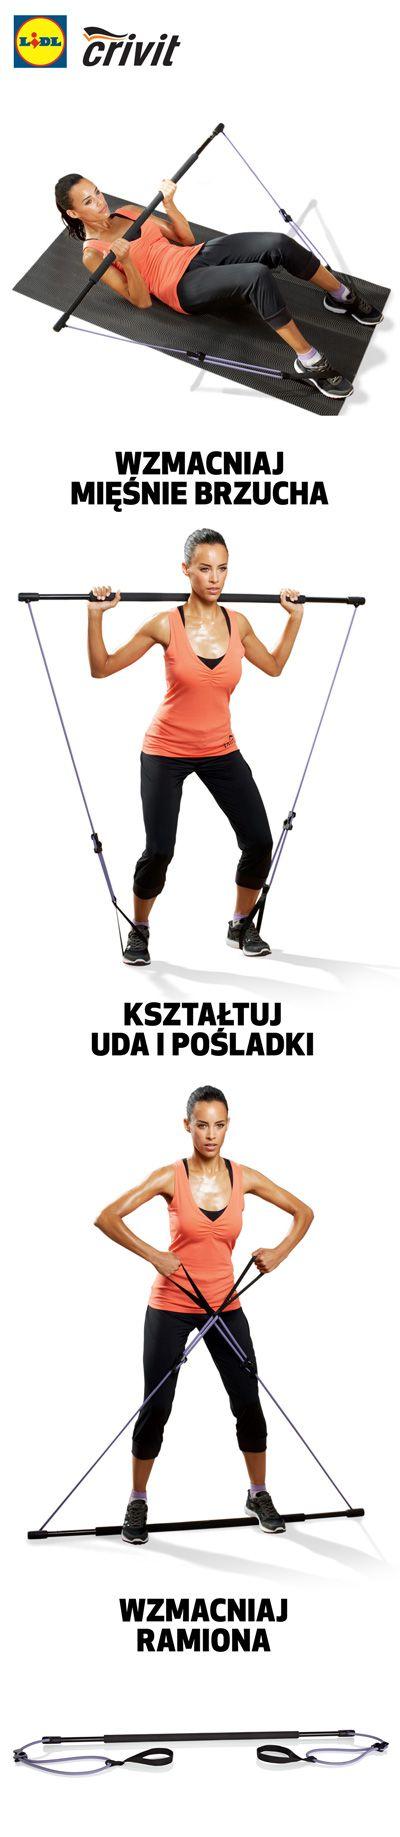 Ten prosty przyrząd wzmocni Twoje uda, pośladki, ramiona u brzuch! #lidl #fitness #kij #trening